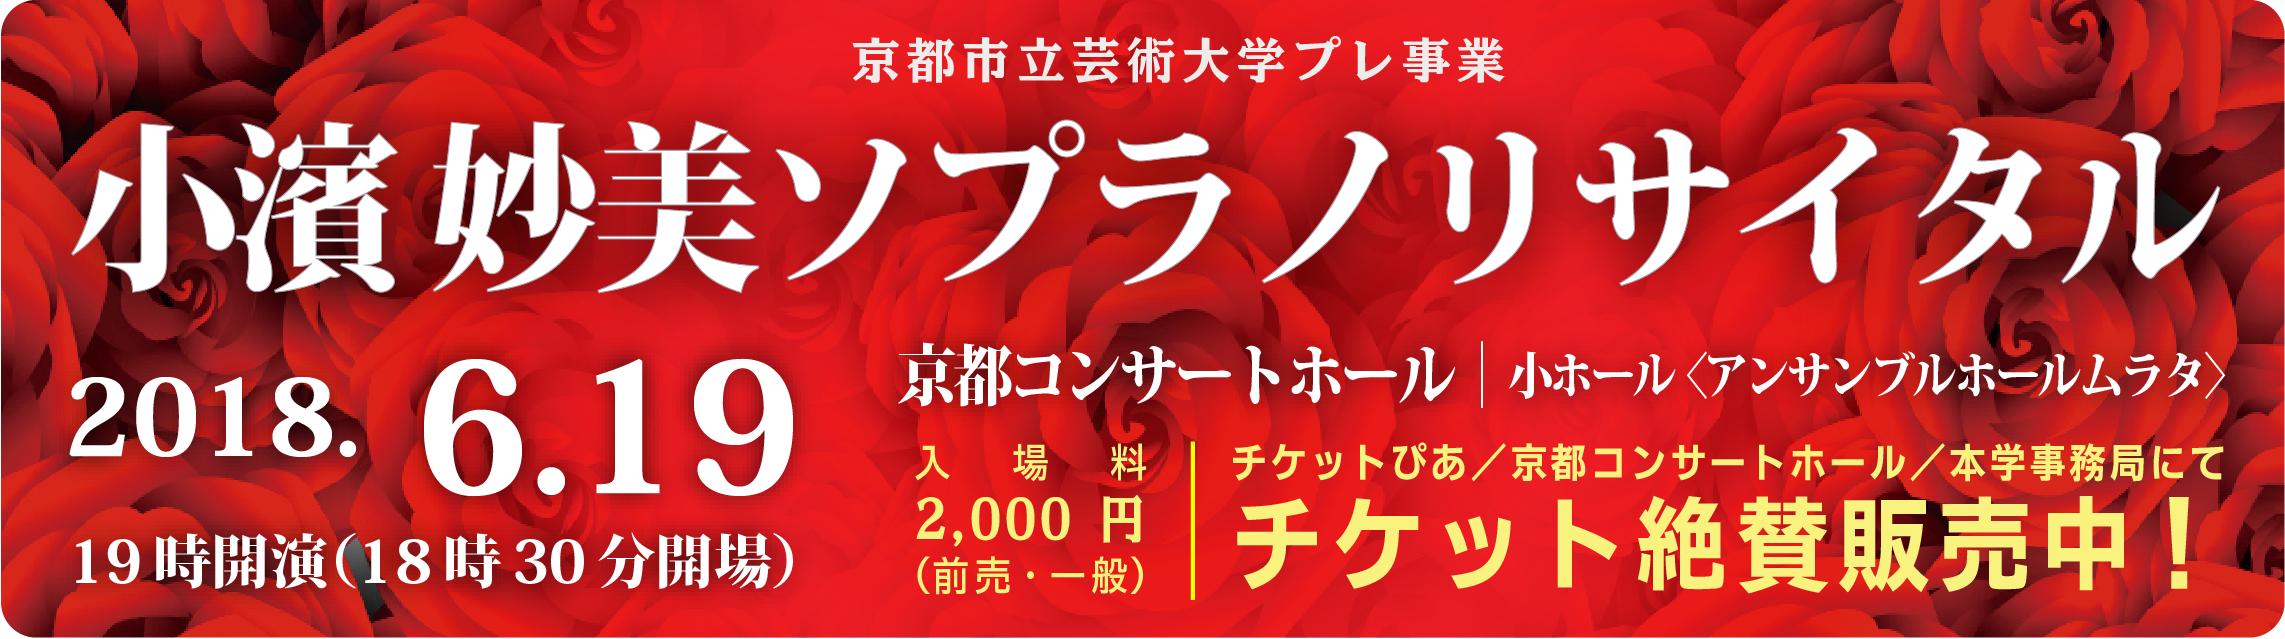 京都市立芸術大学移転整備プレ事業「小濱妙美ソプラノリサイタル」